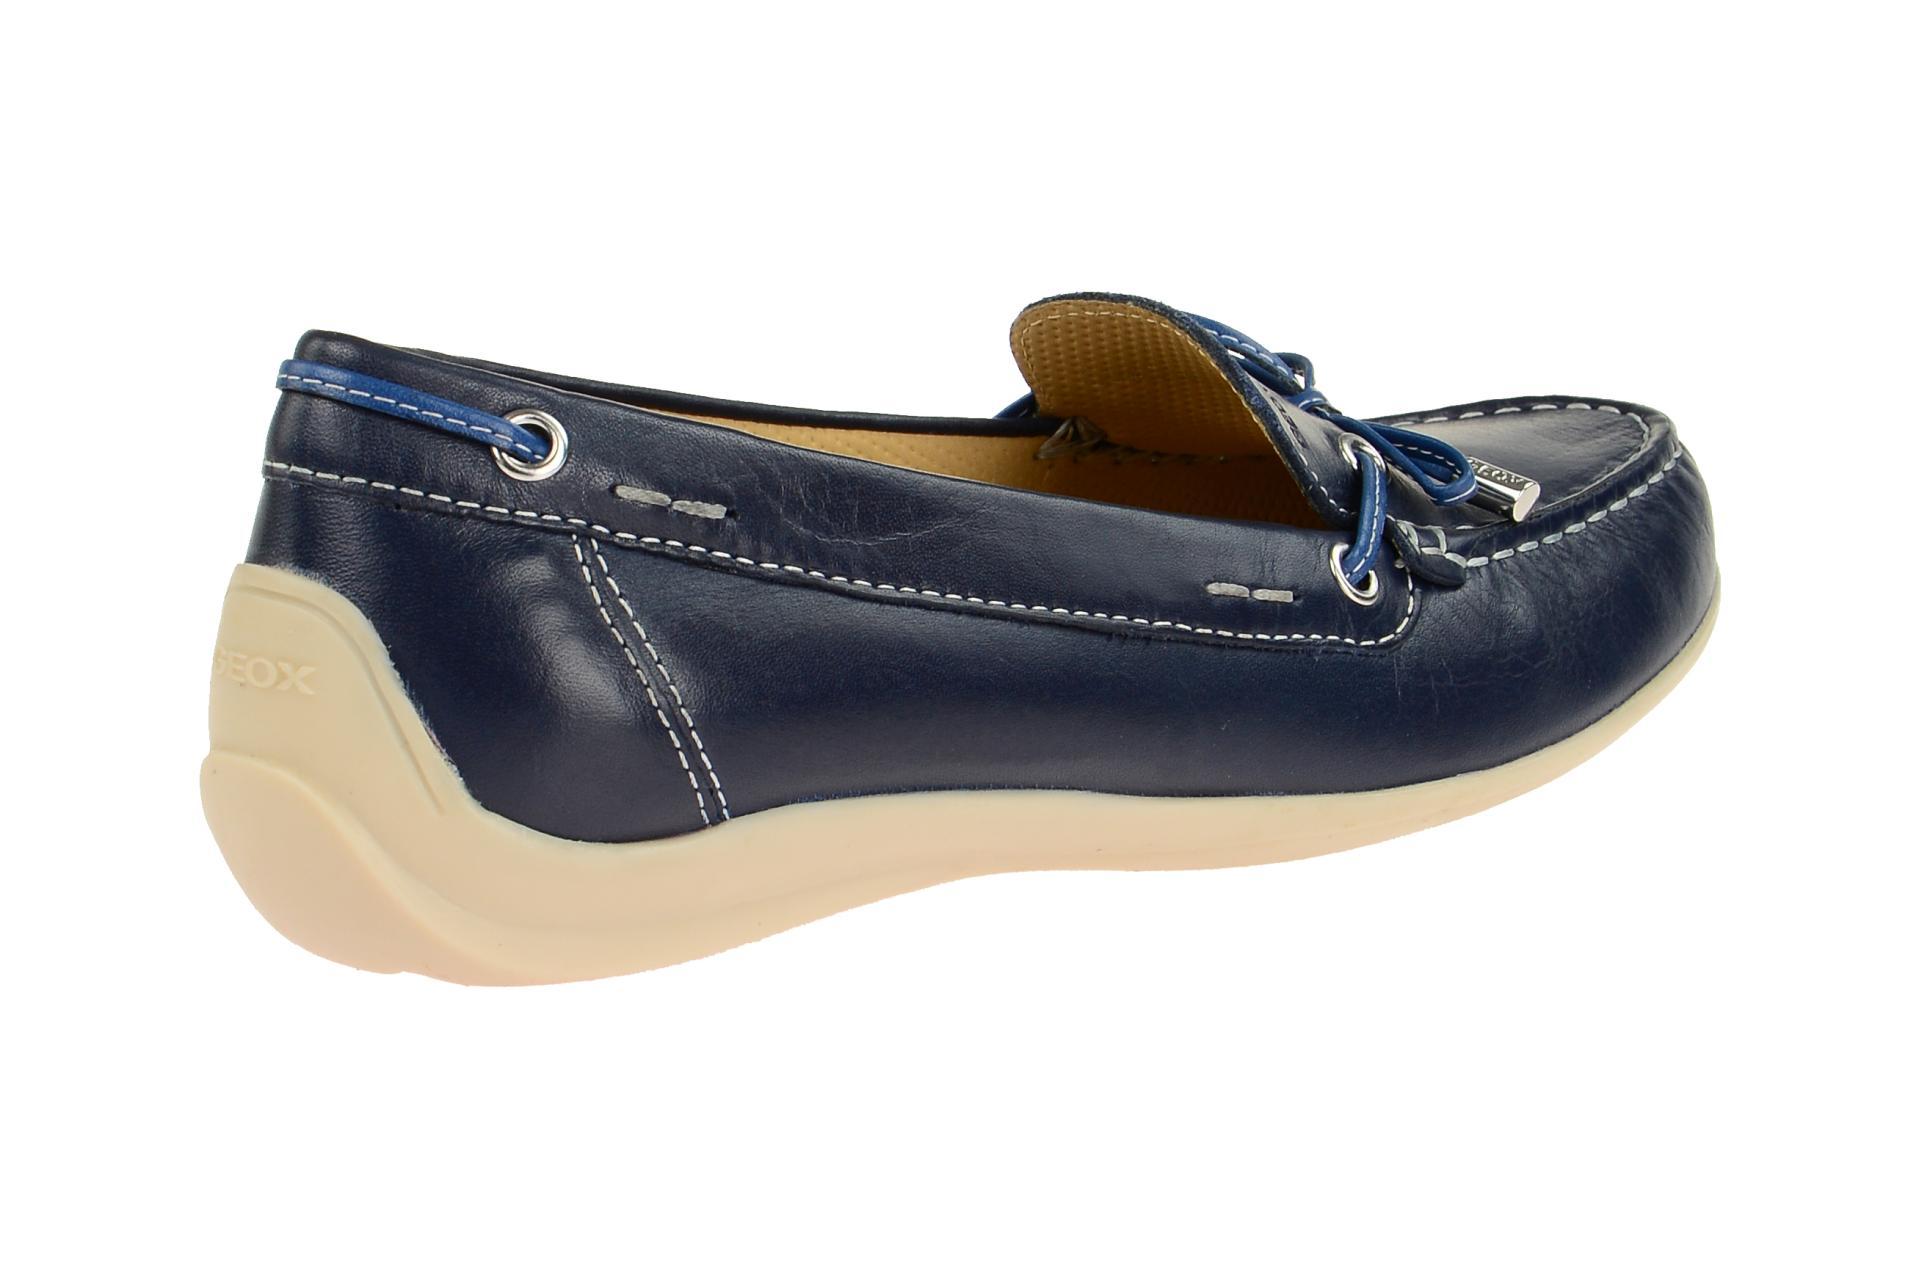 Geox Schuhe YUKI blau Damenschuhe bequeme Slipper D6455A 00085 C4005 NEU | eBay